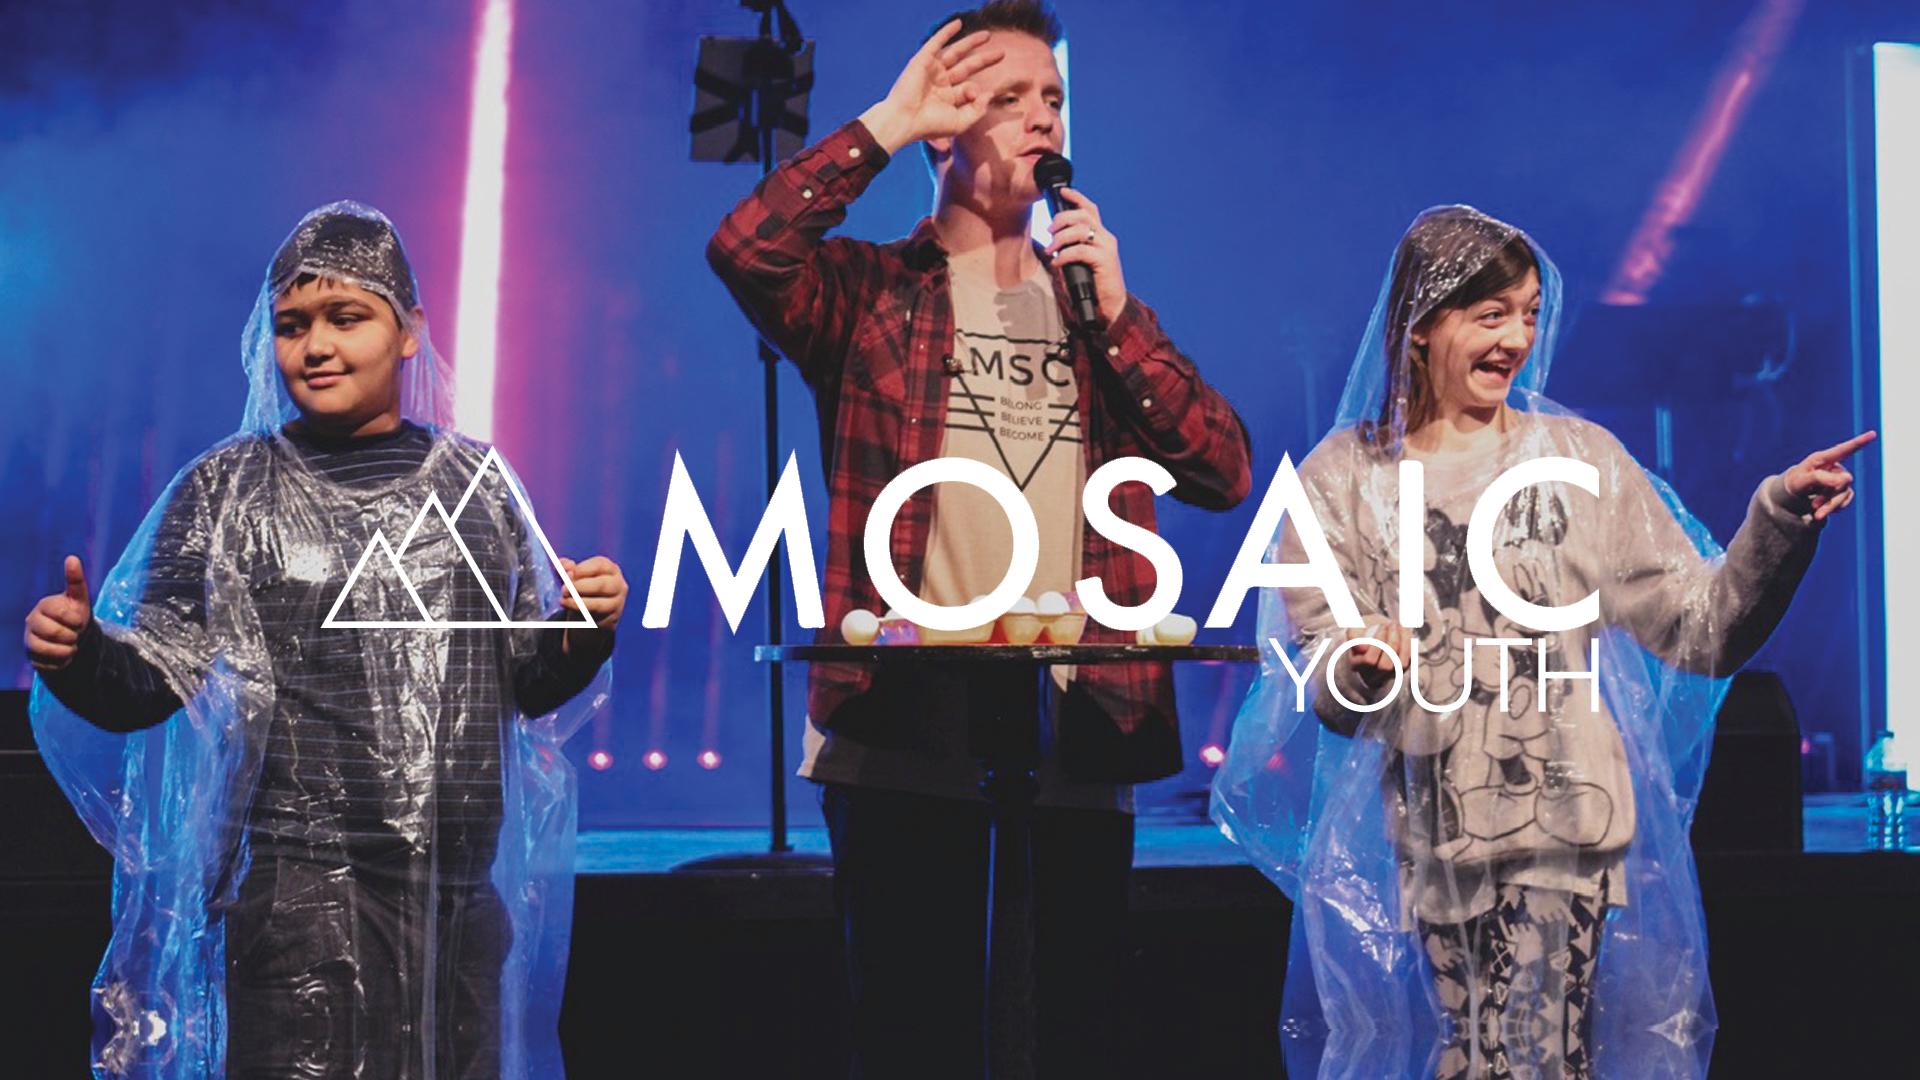 MosaicWebTile.png